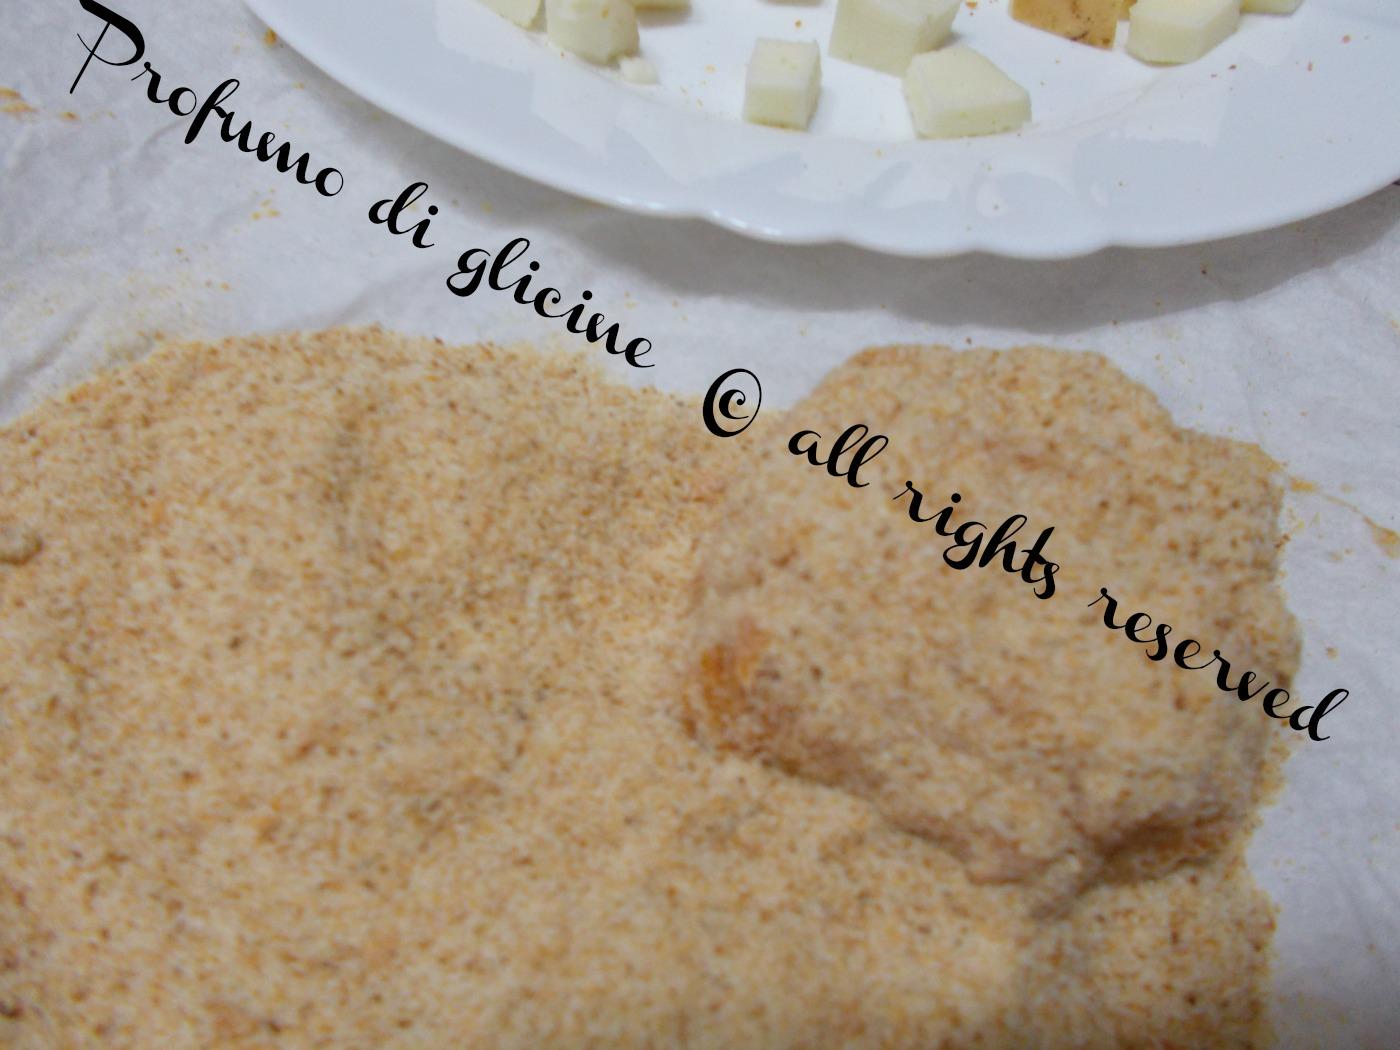 polpette di riso con melanzane e scamorza affumicata ricetta light nella cucina di profumo di glicine